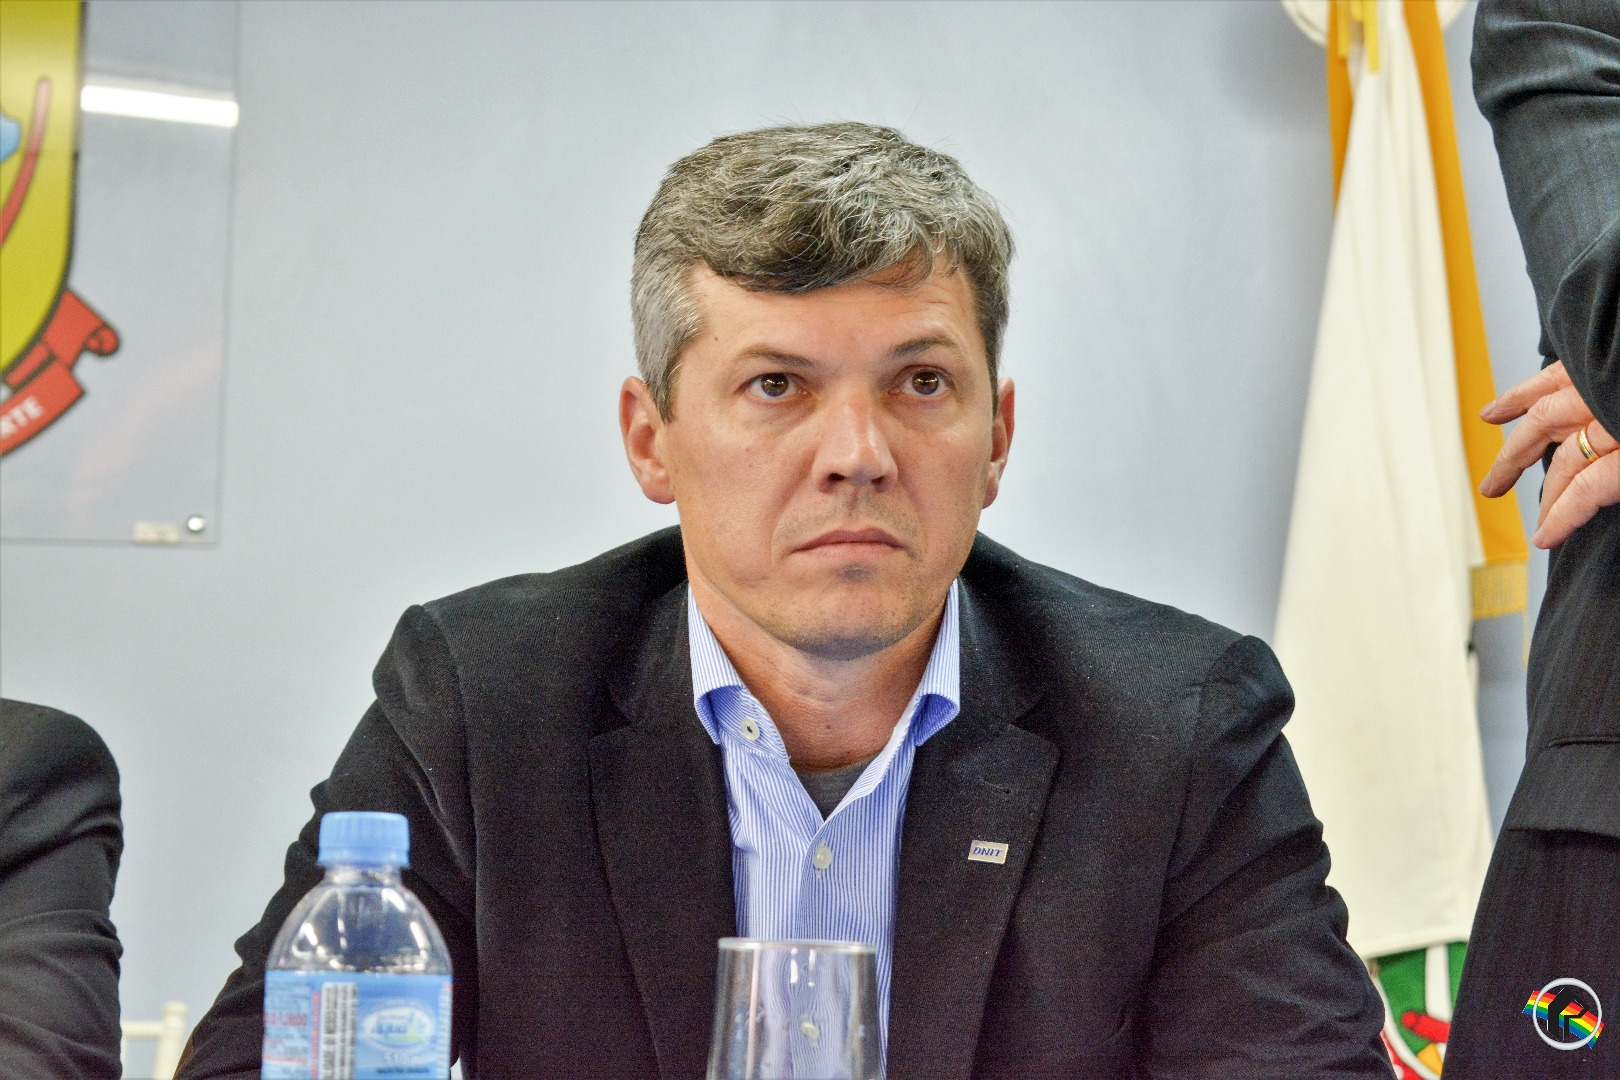 ANTT publicará nova tabela com preços dos fretes, diz ministro